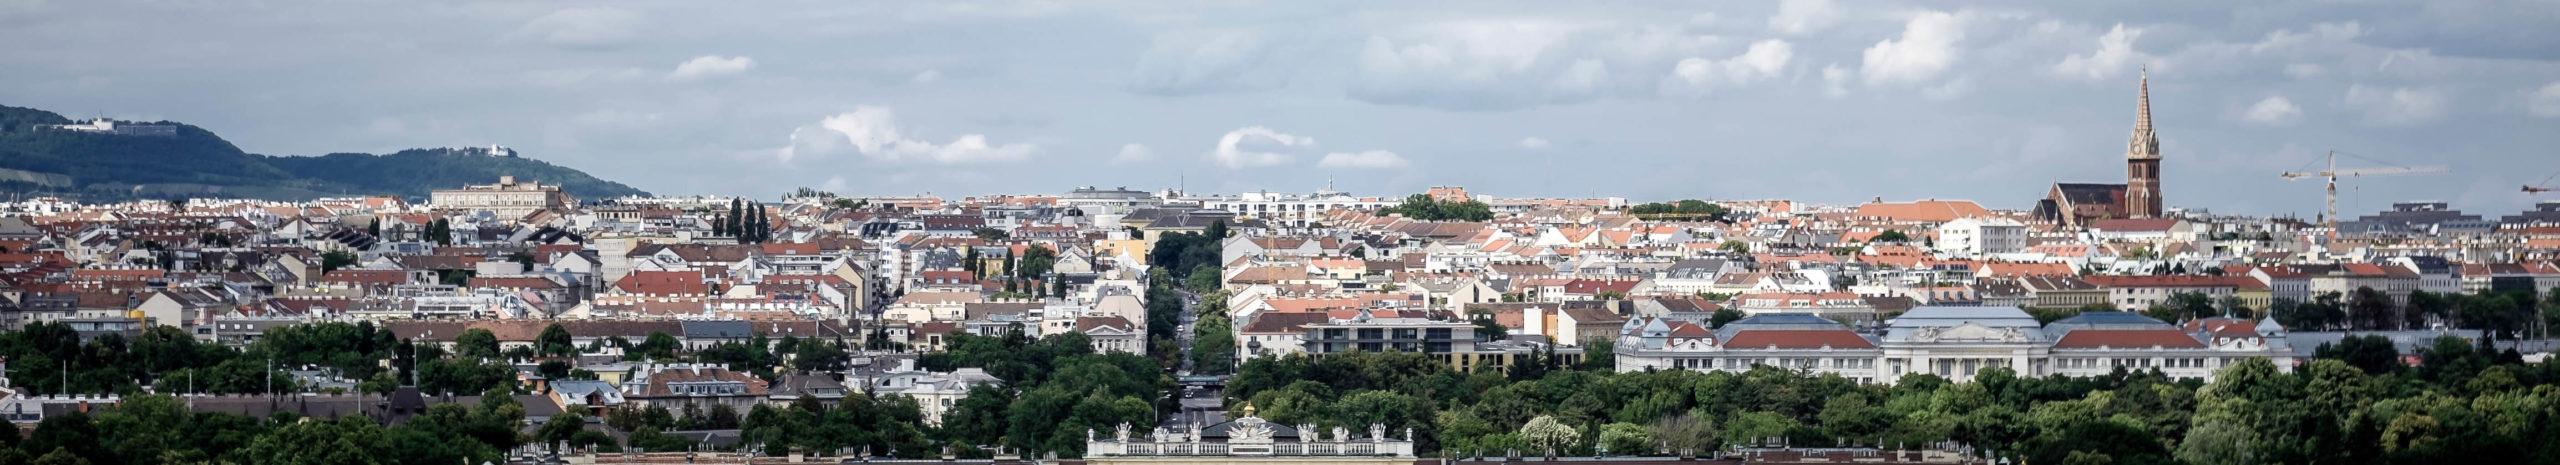 Авиатур Будапешт + Вена